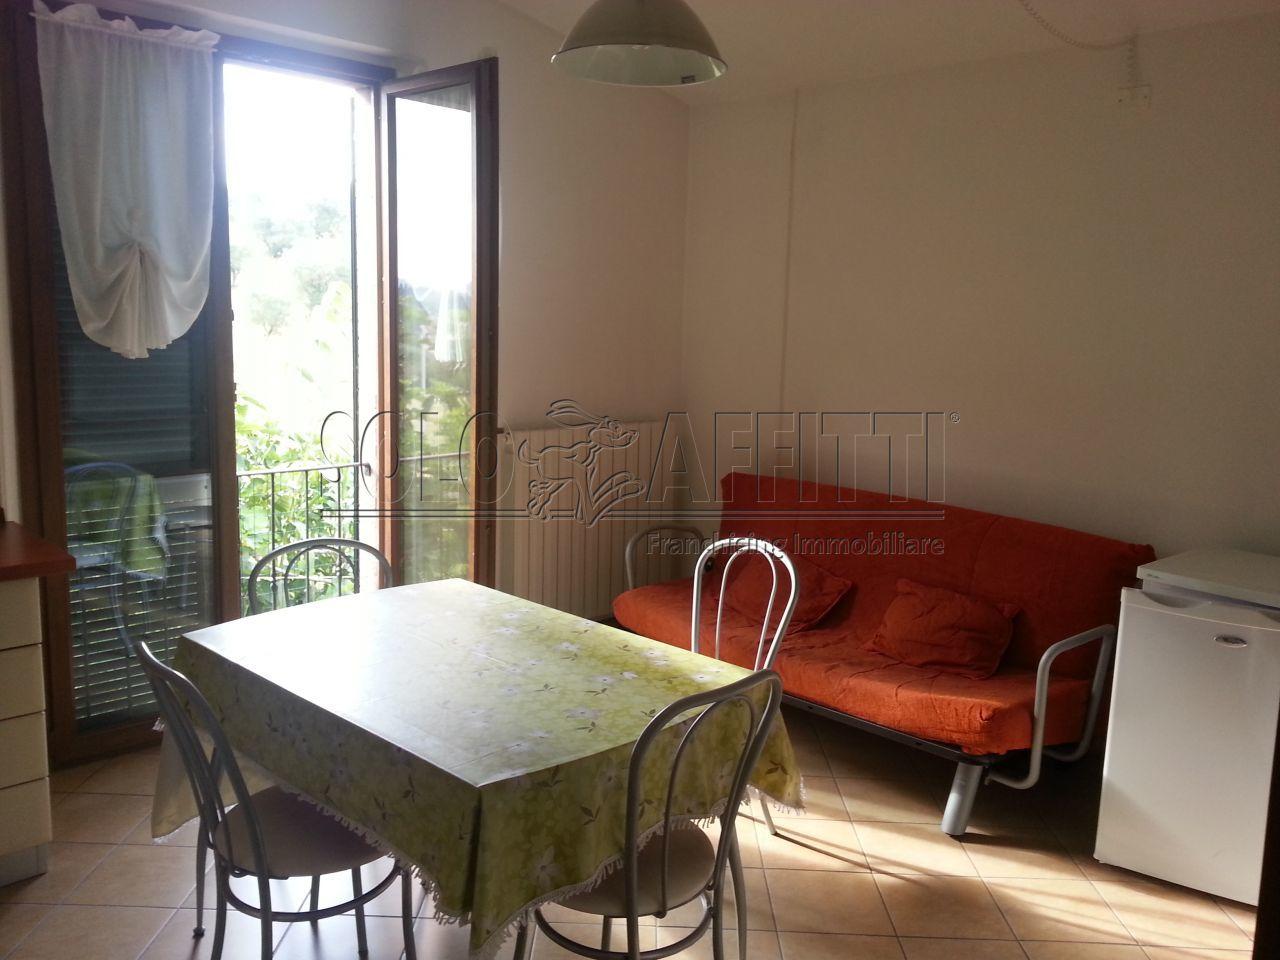 Appartamento - Bilocale a Fuori Porta Romana, Siena